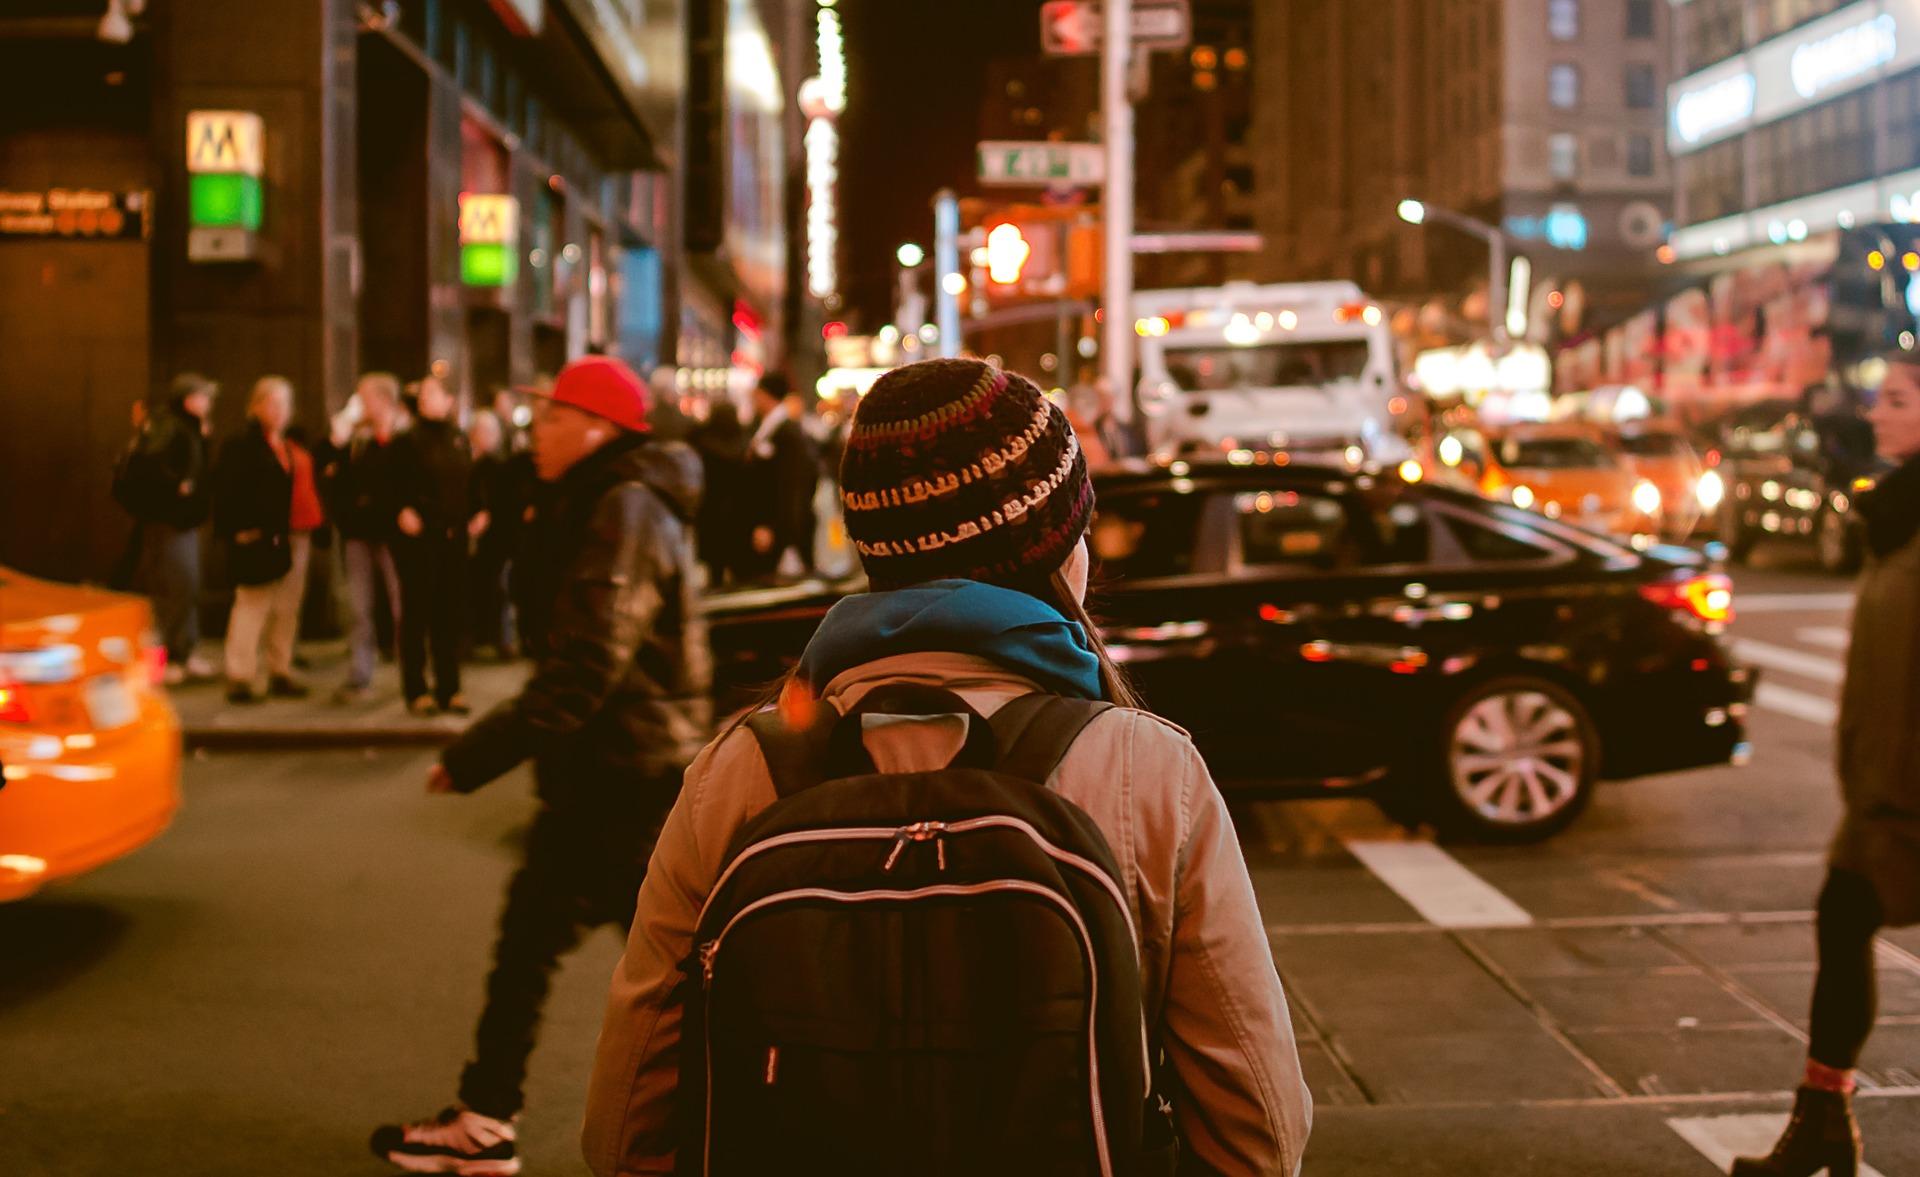 2016, de grands défis pour nos vies urbaines